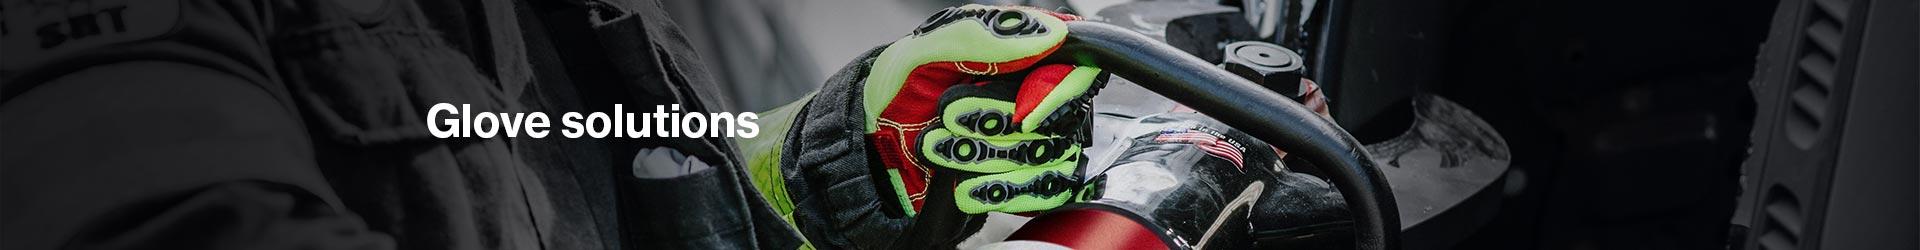 uvex safety gloves